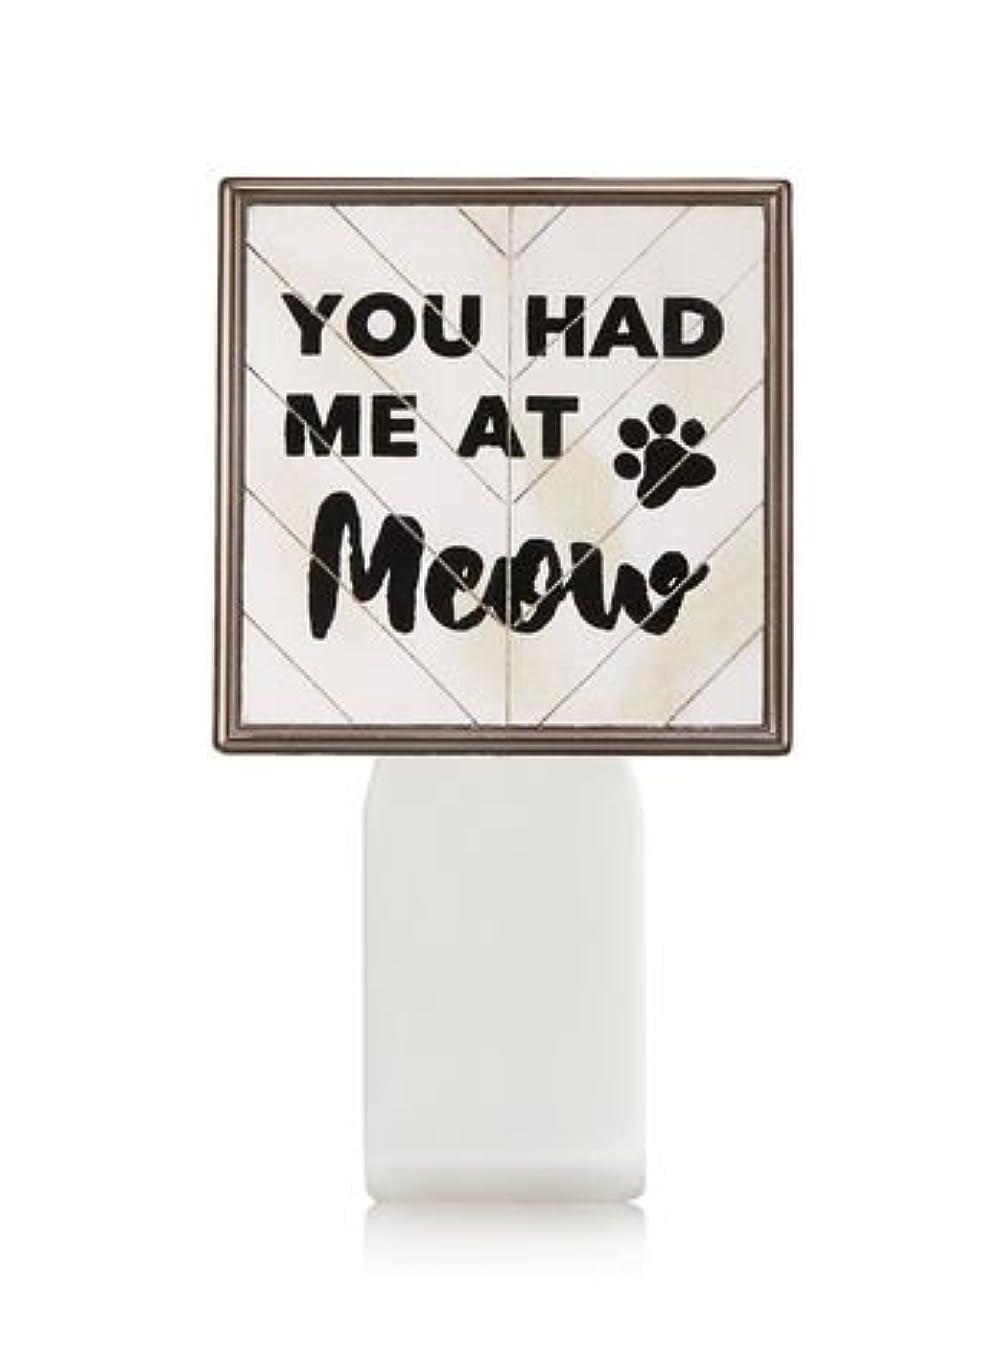 リラックス伝統的スクラブ【Bath&Body Works/バス&ボディワークス】 ルームフレグランス プラグインスターター (本体のみ) キャット シールド Wallflowers Fragrance Plug You Had Me At Meow [並行輸入品]